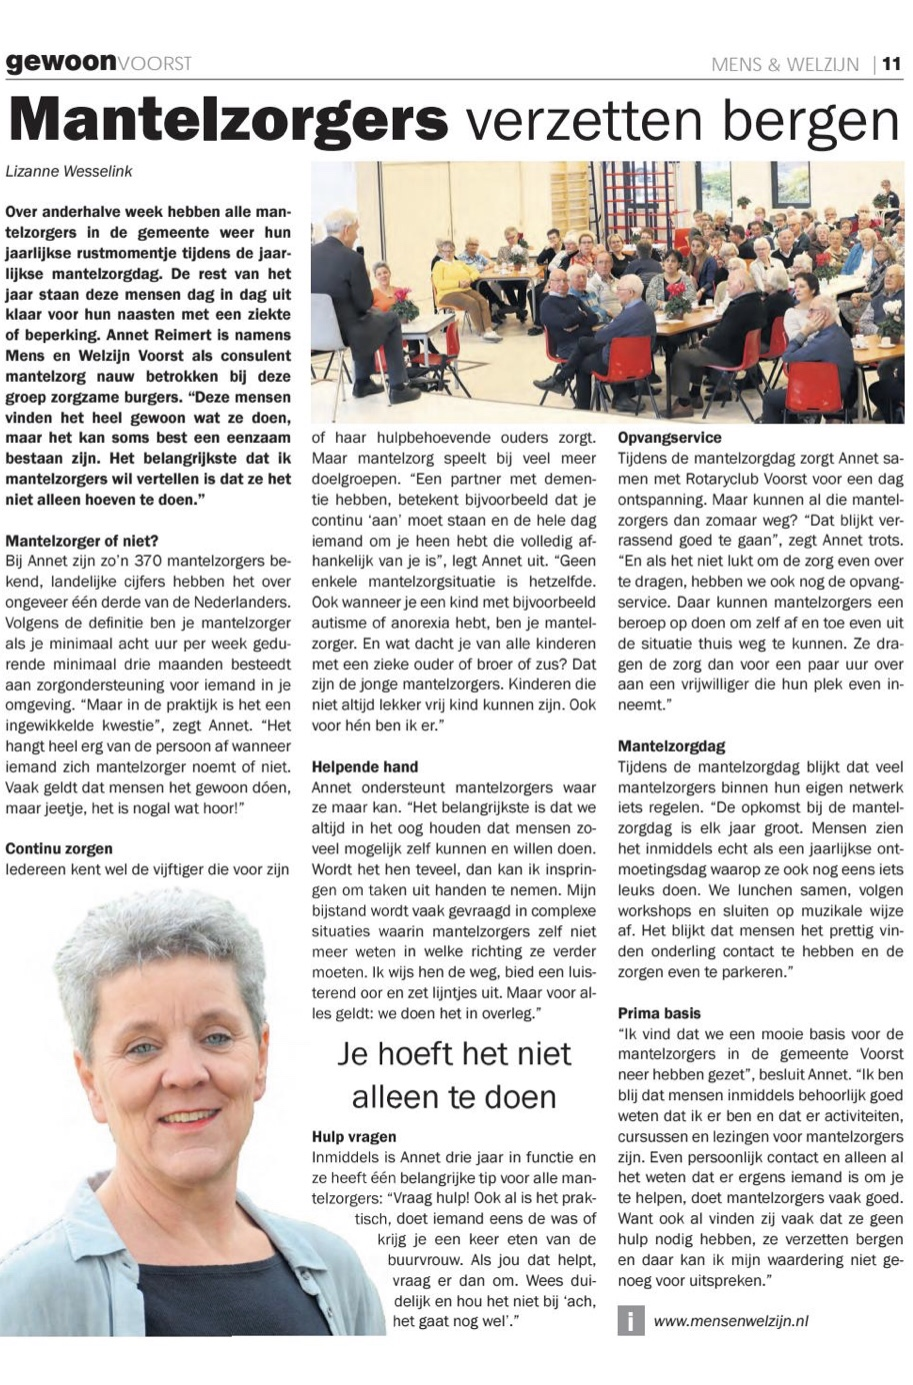 Gewoon voorst interview Annet Reimert mens en welzijn voorst mantelzorg